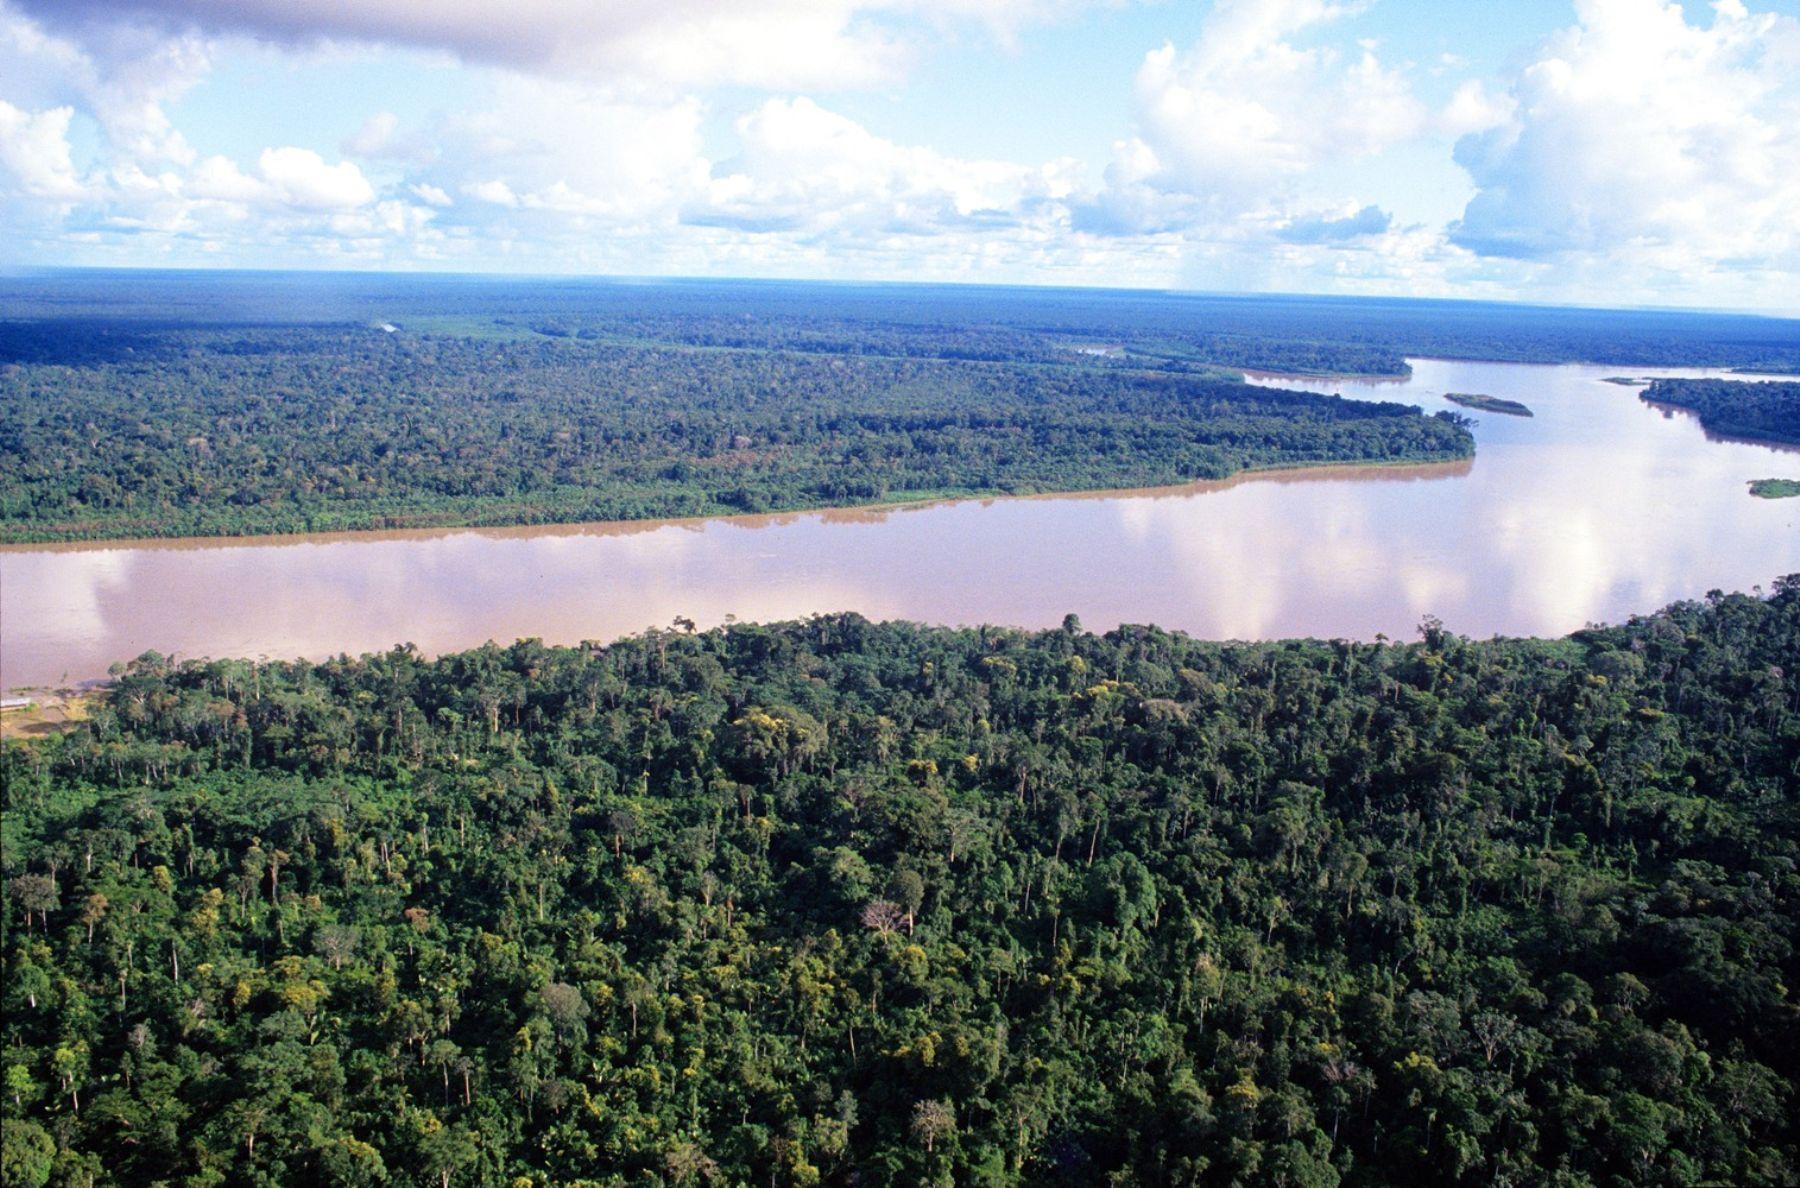 Decisión del Estado peruano de demorar ratificación del Acuerdo de Escazú impide unir esfuerzos contra cambio climático